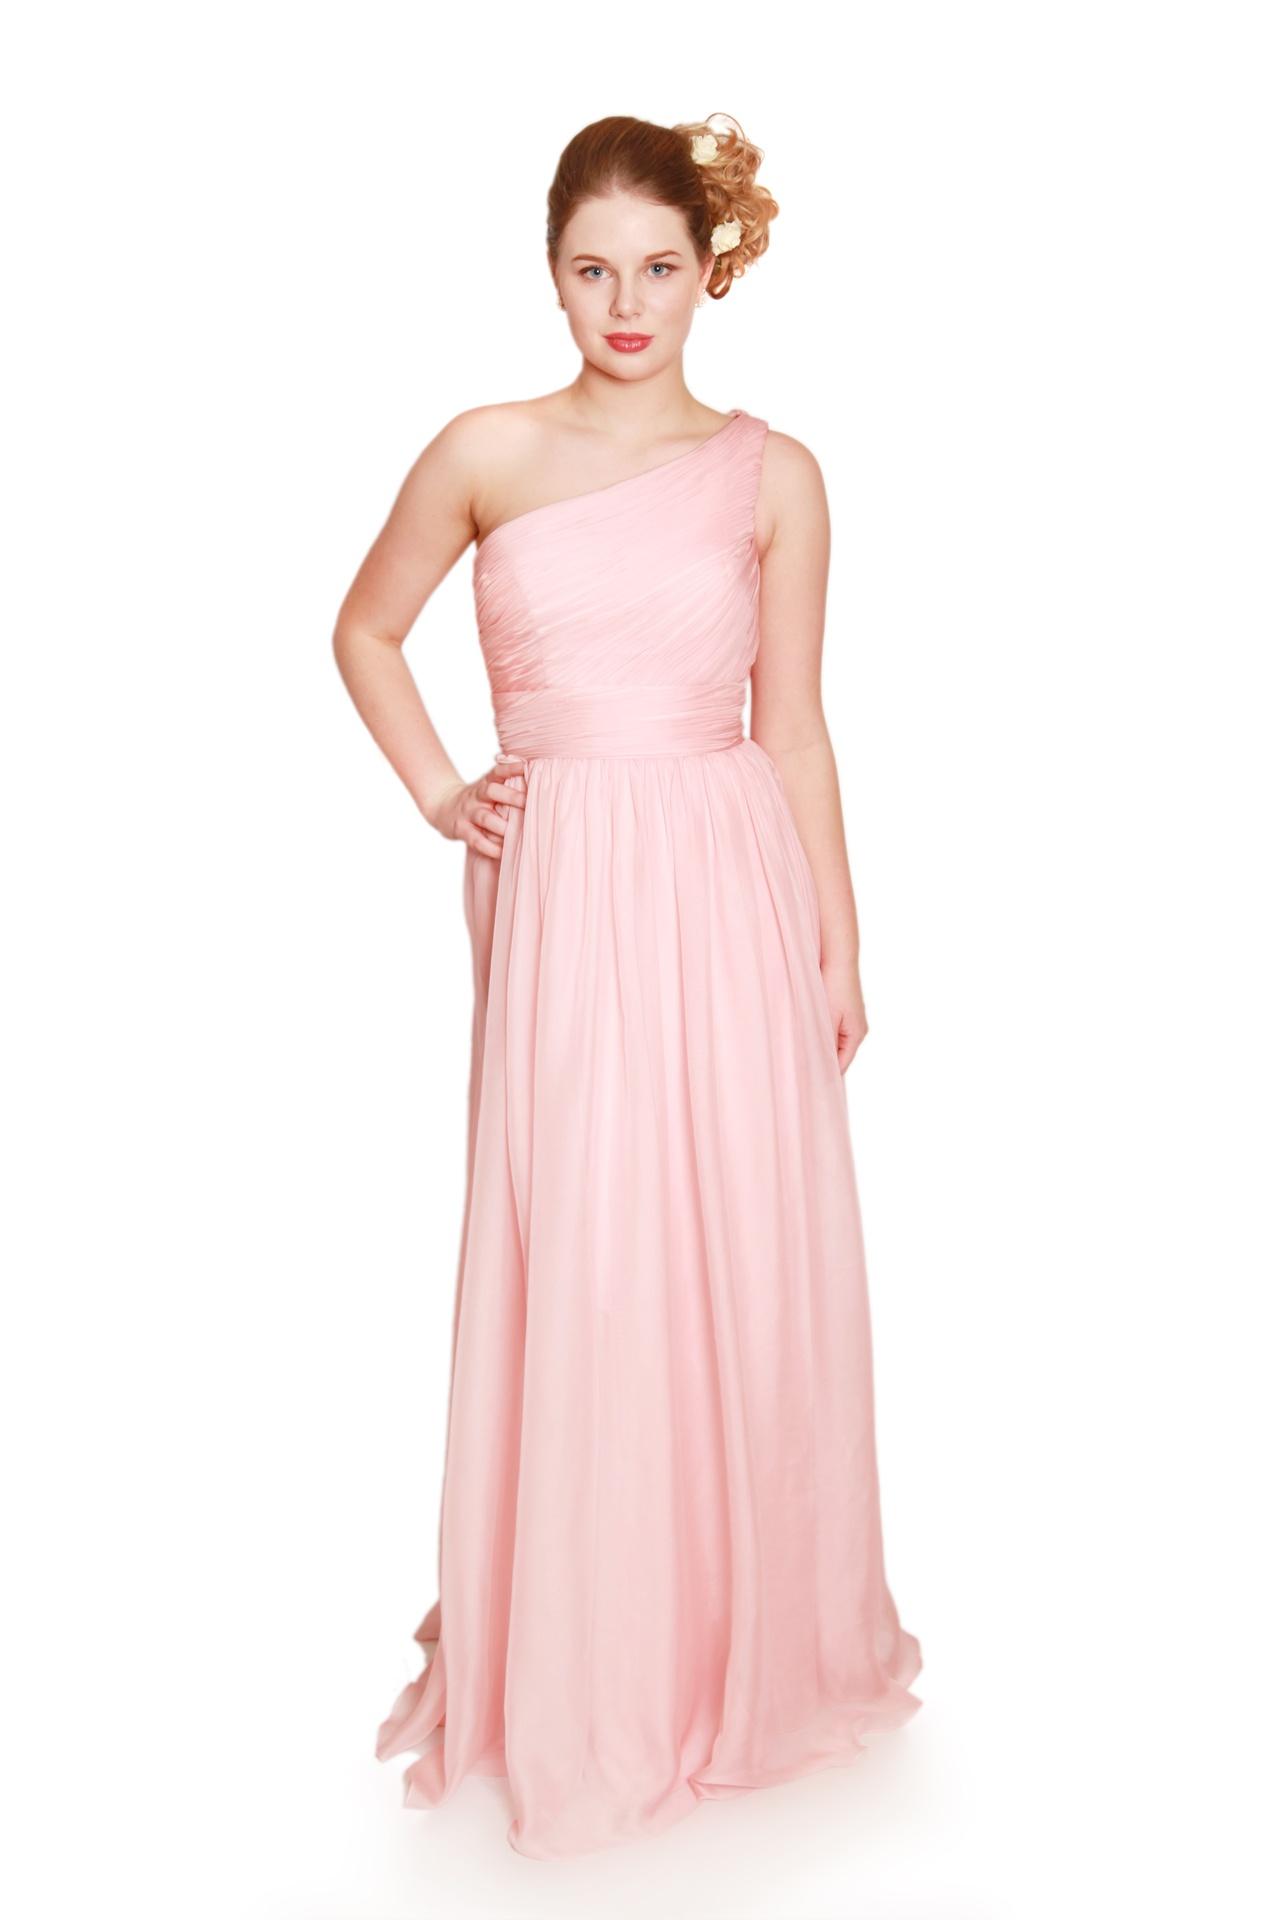 affordable bridesmaids dresses Archives - Estilo Moda